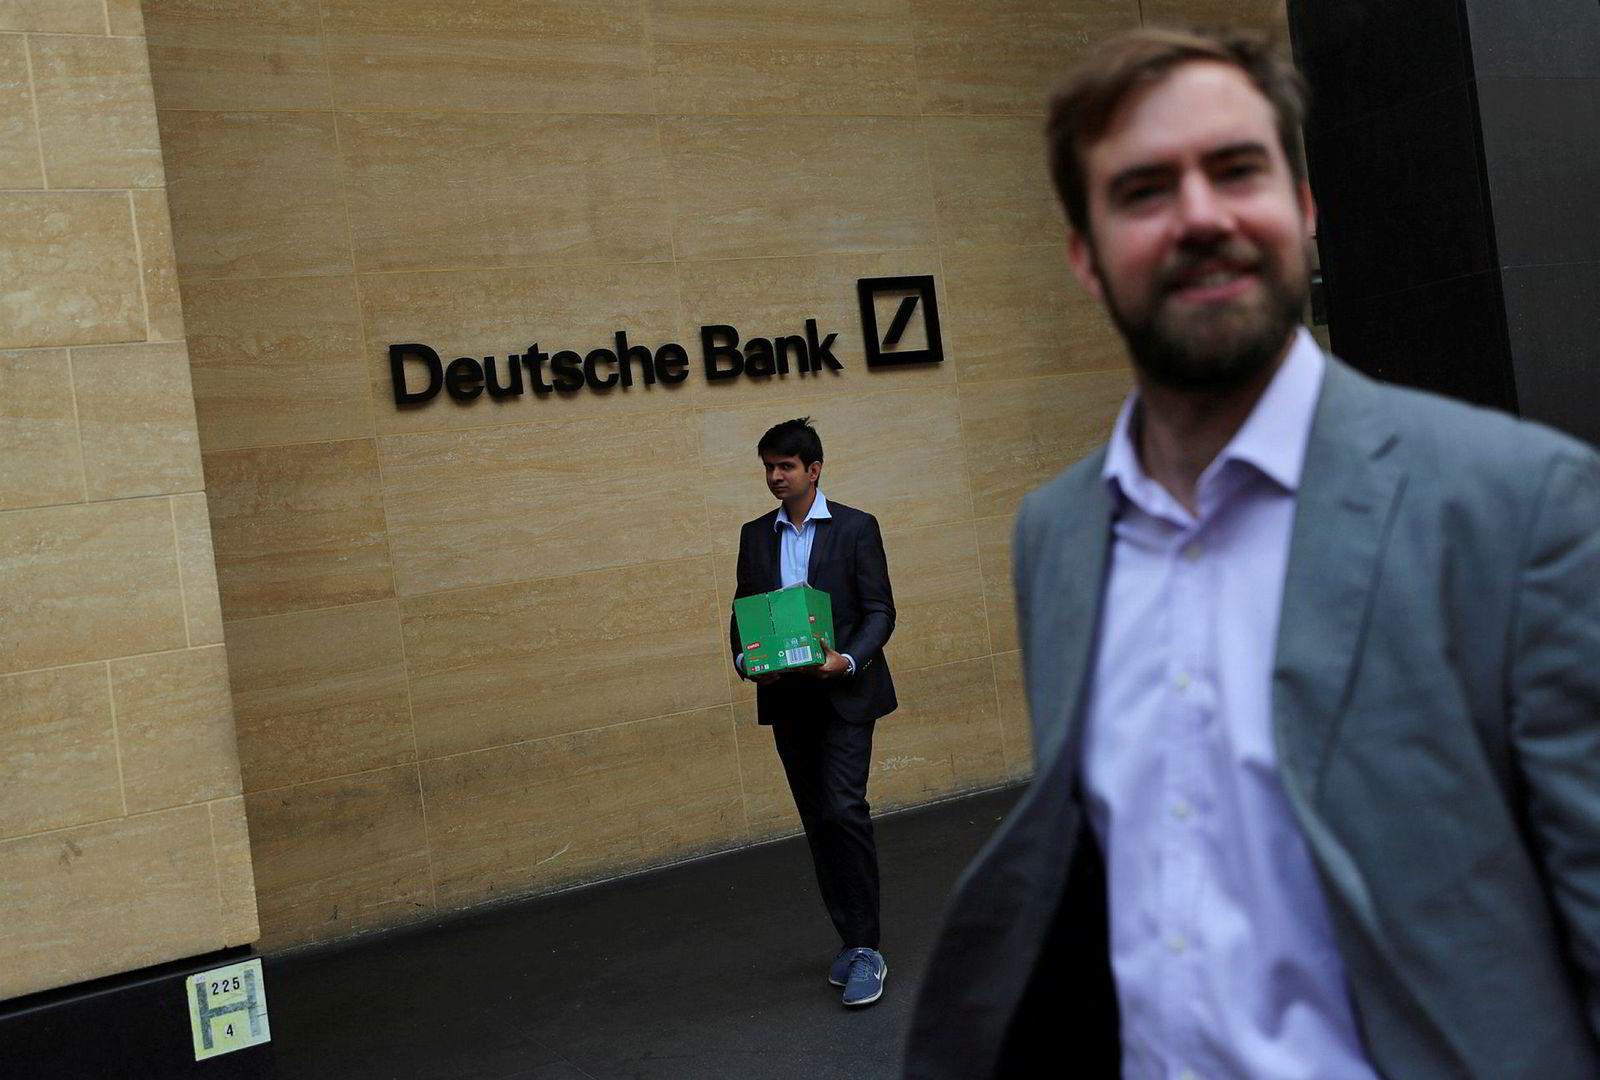 En Deutsche Bank-ansatt og hans eiendeler forlater bankens lokaler i London mandag. Med over 8000 ansatte er banken en av de største arbeidsgiverne i den britiske finansmetropolen.